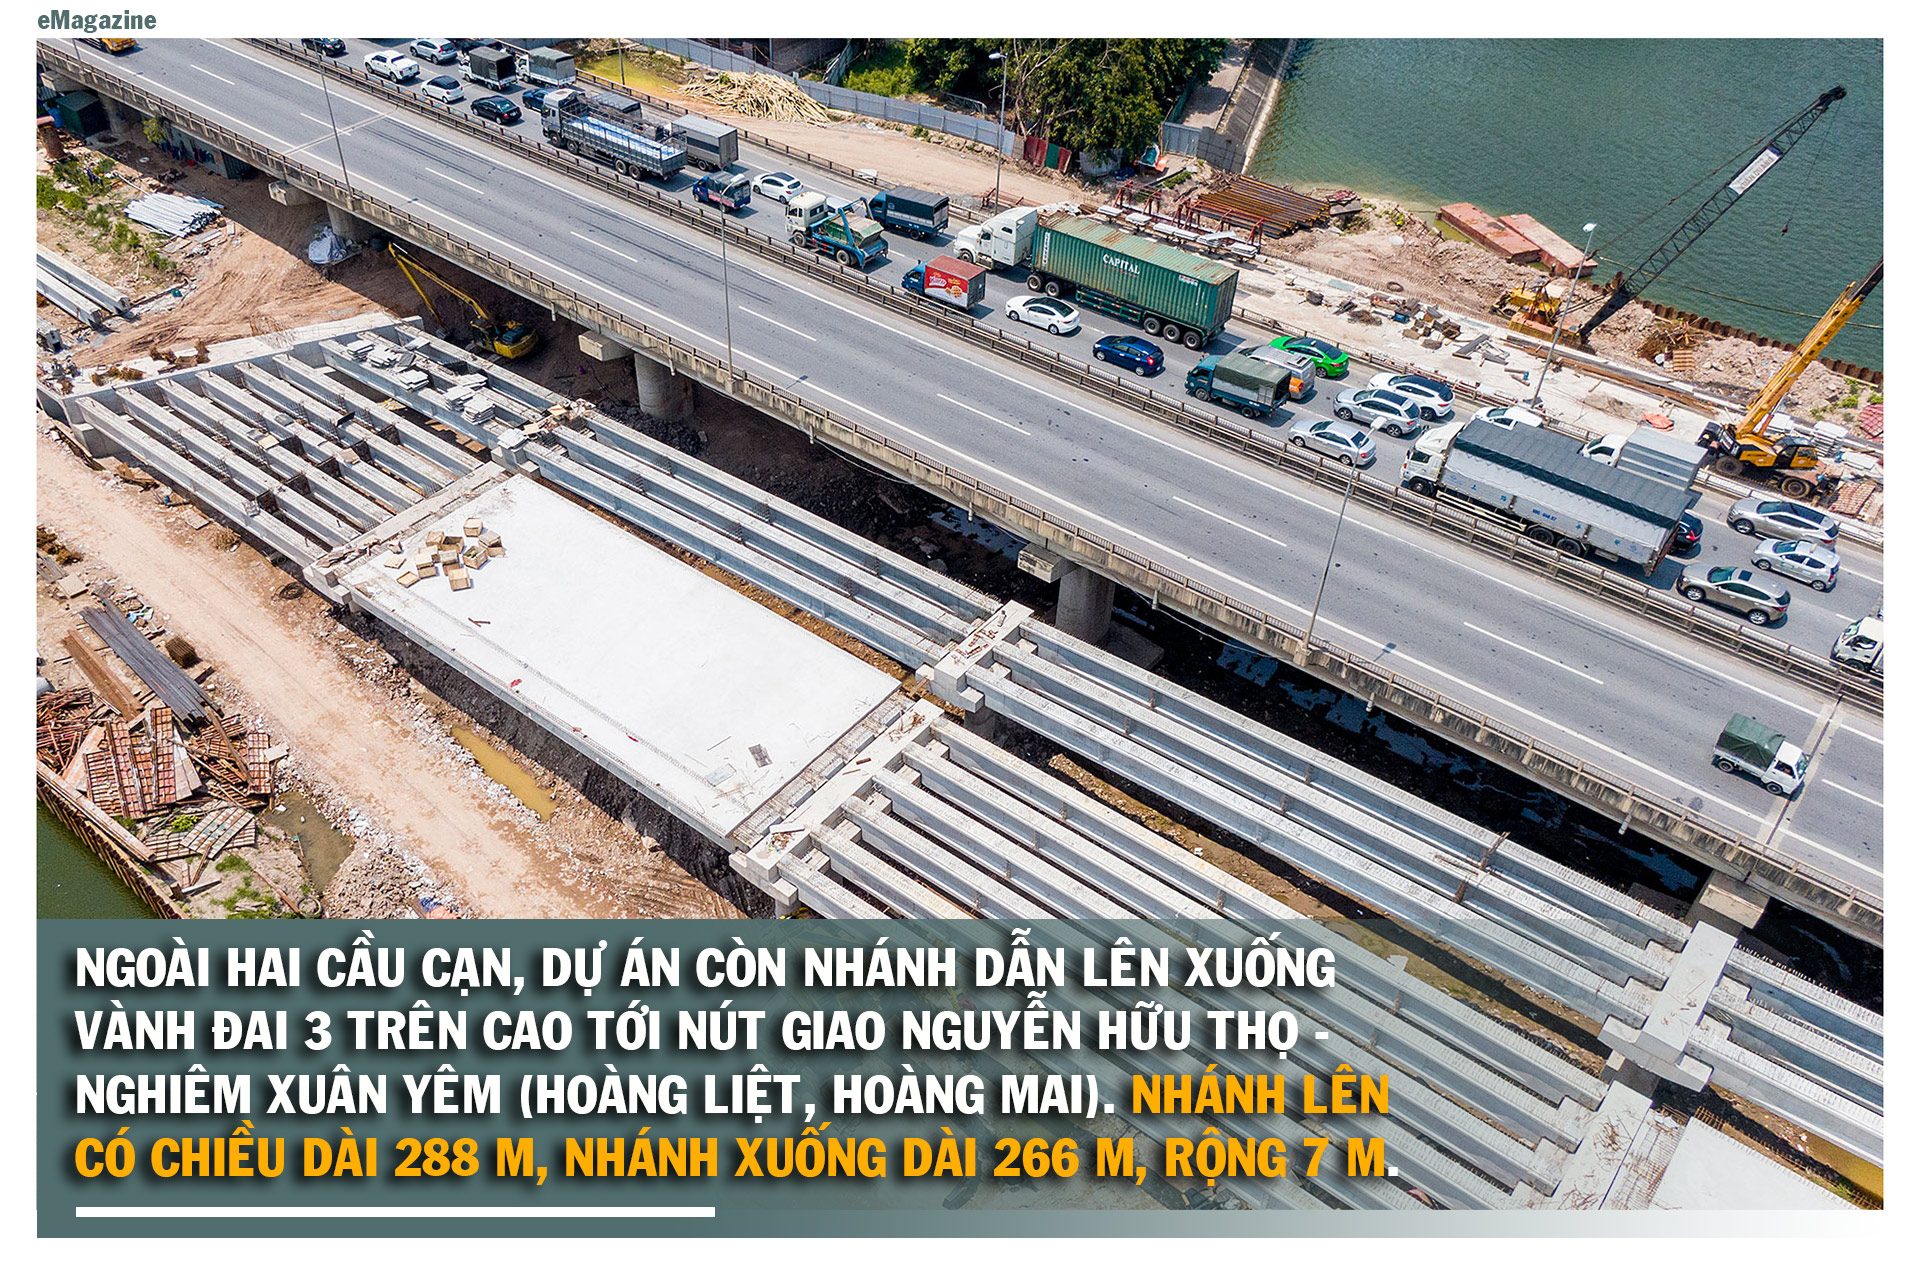 Toàn cảnh cầu hàng trăm tỷ vượt qua hồ nước đẹp bậc nhất Hà Nội - 8